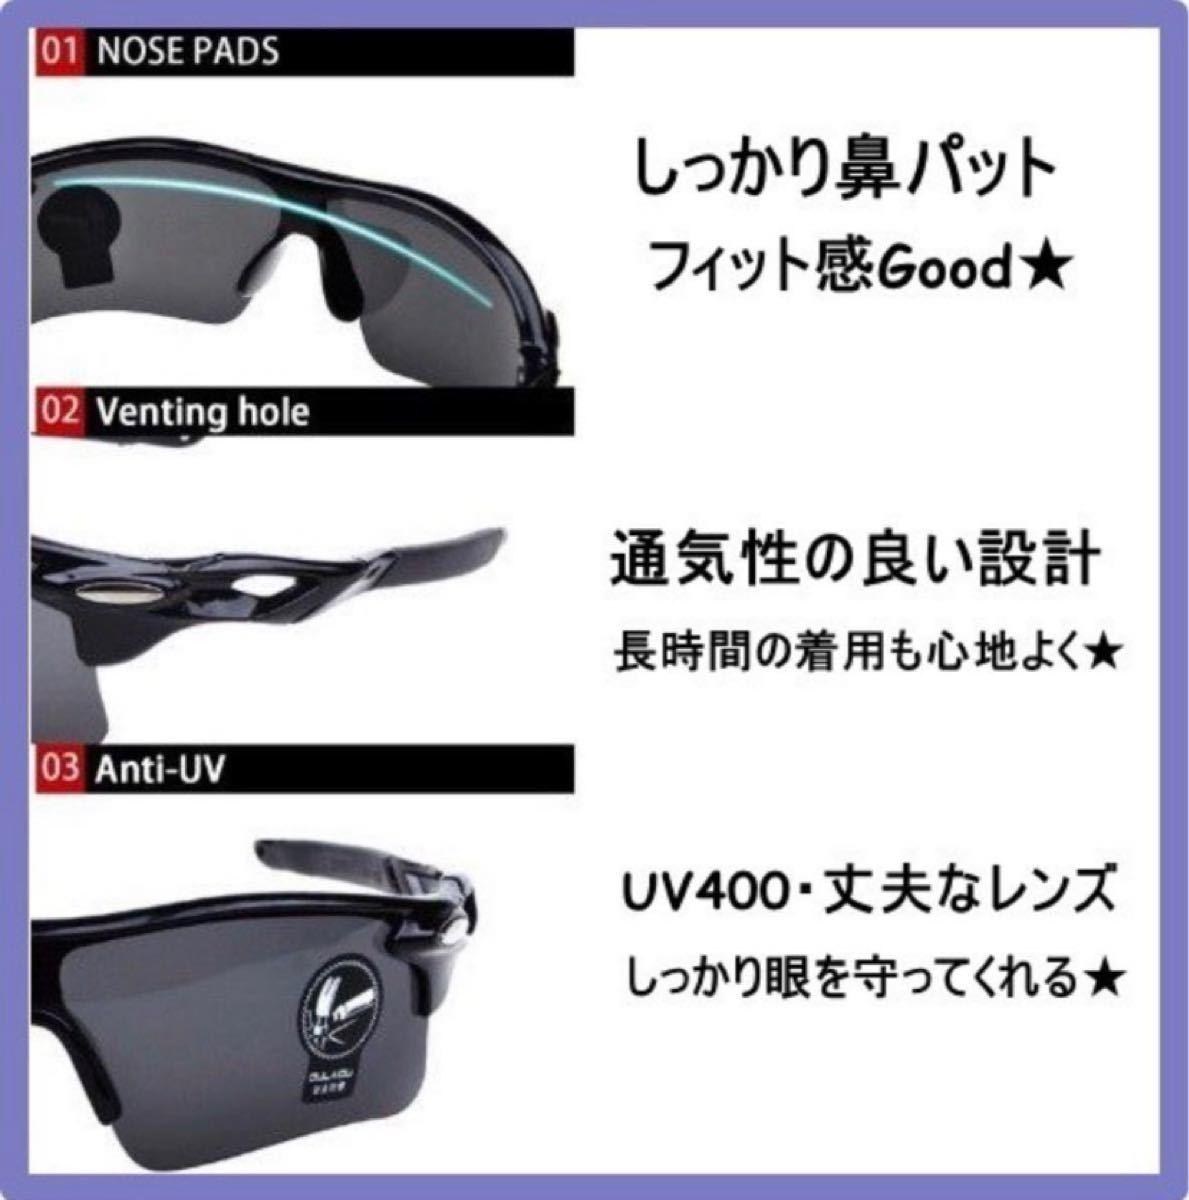 スポーツサングラス ミラーレンズ 紫外線カット UV400